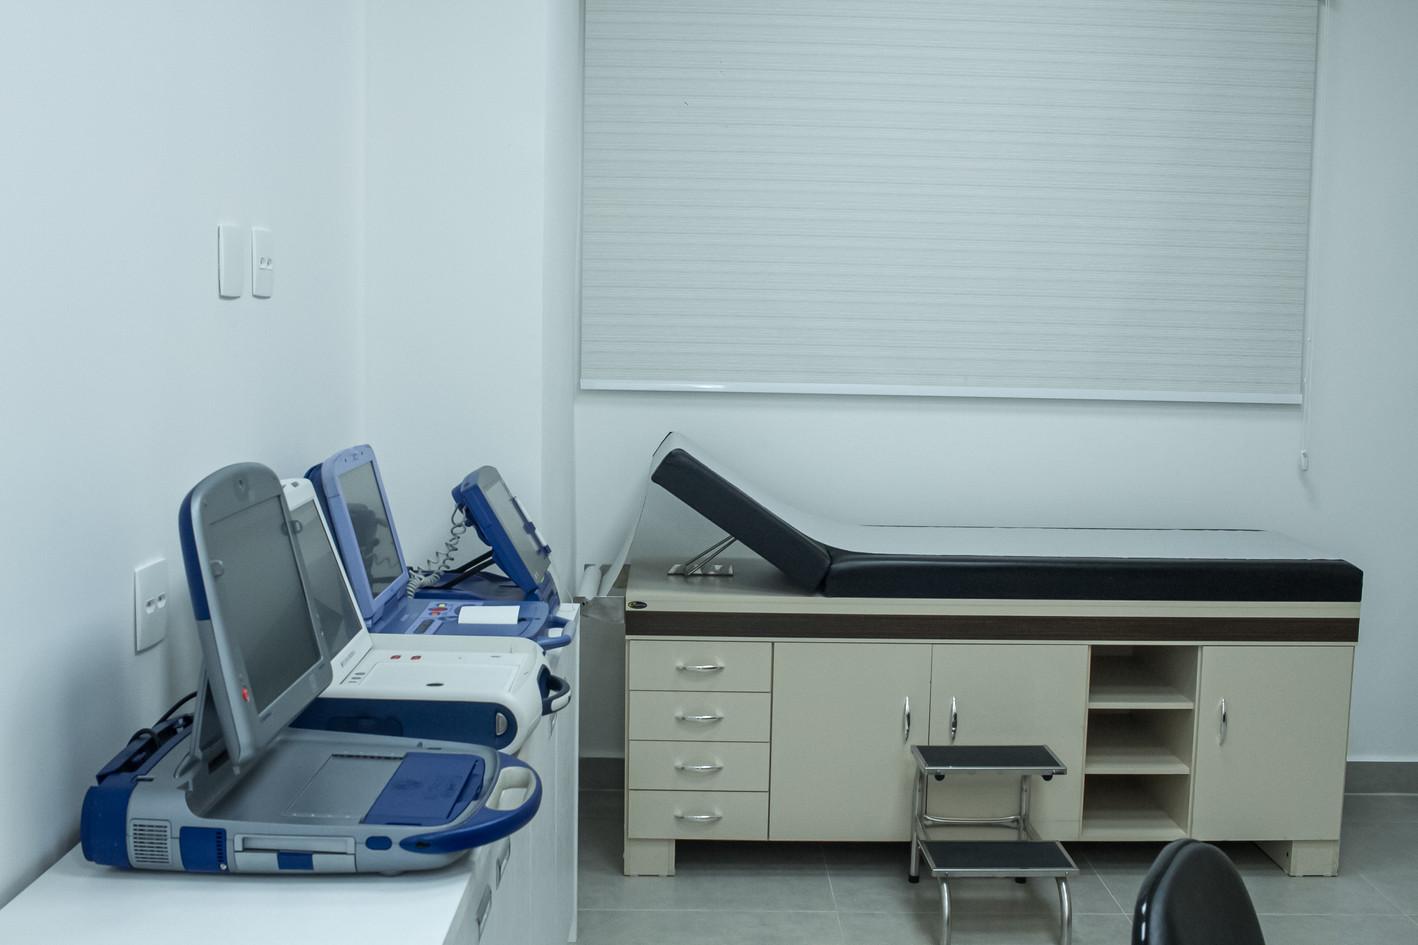 0038-CentroCor-Clinica-15052019-foto-sil